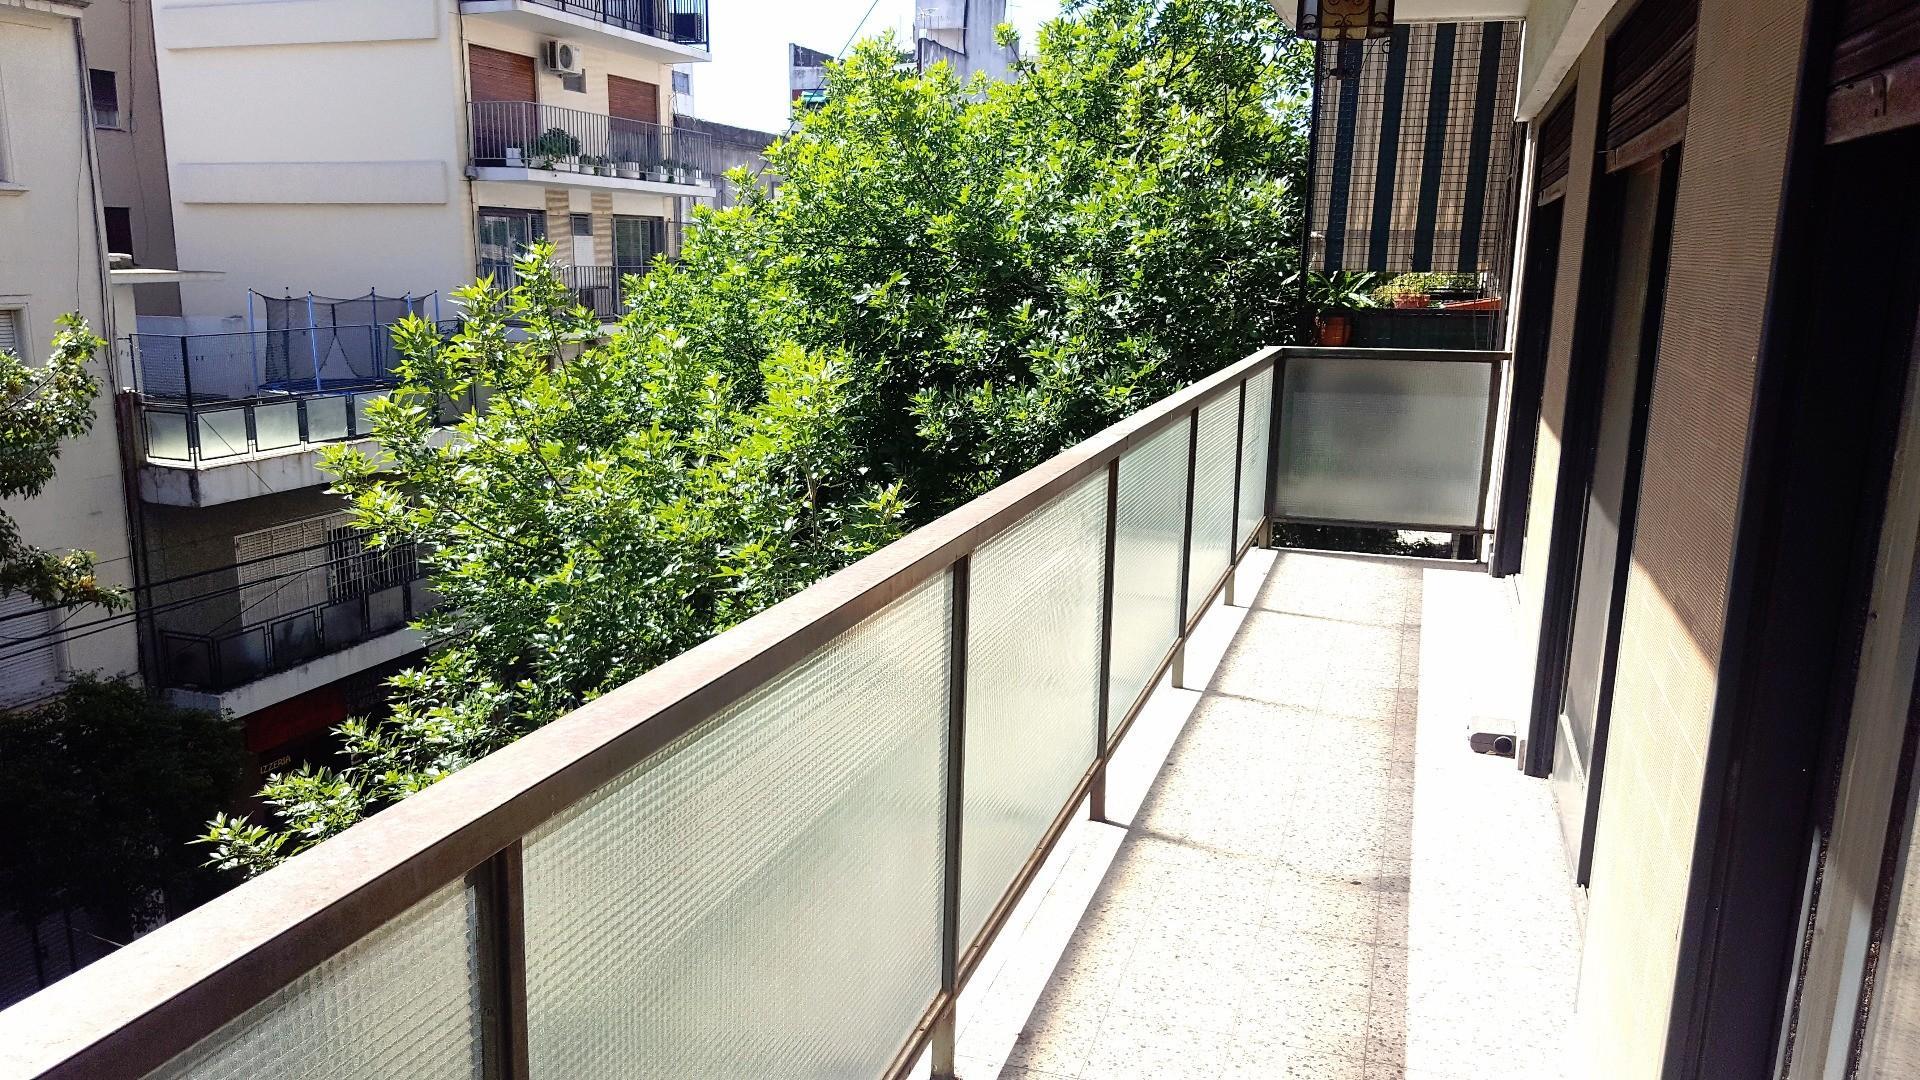 Luminoso. Al Frente. 3 Dormitorios + Dep. de Servicio, Cochera. Excelente Calidad de Edificación